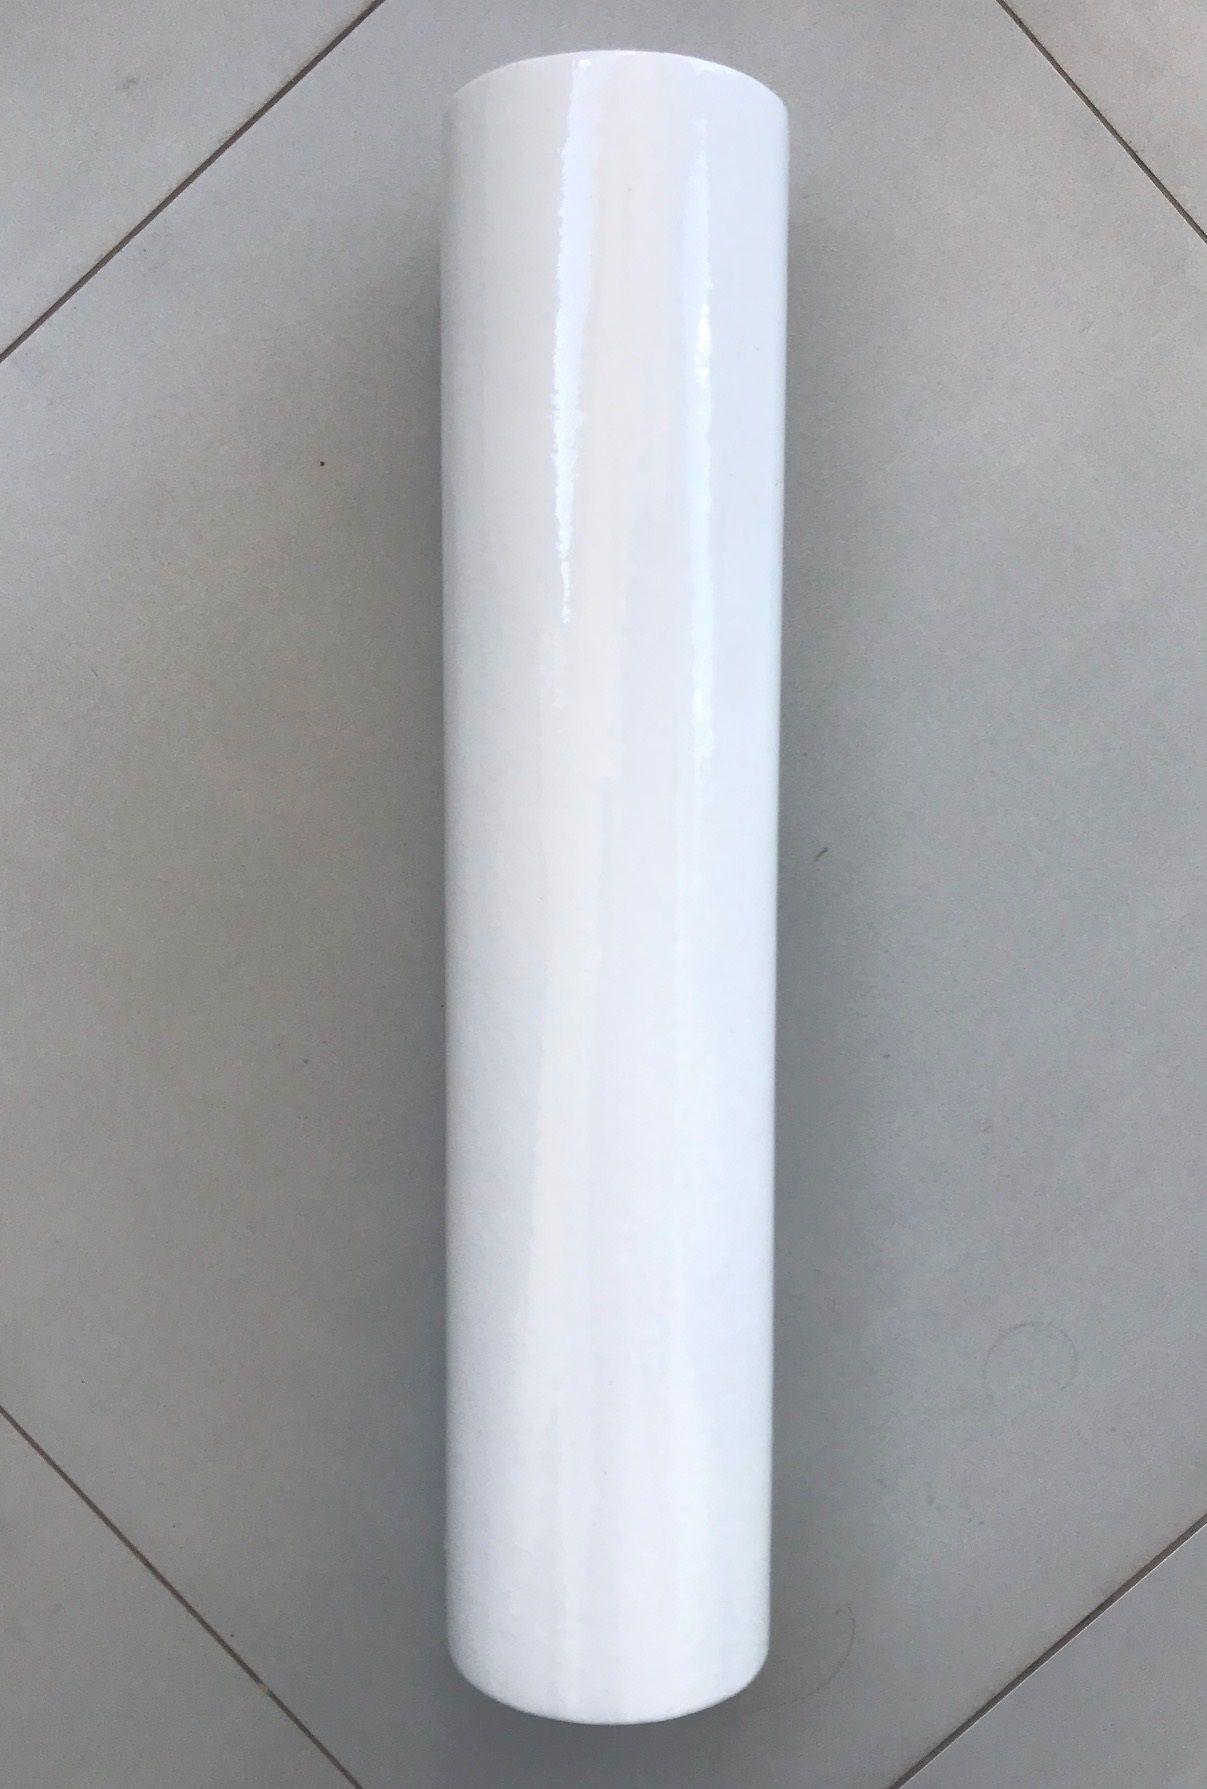 Elemento filtrante polipropileno 20 x 4.1/2 - 0,5 micras